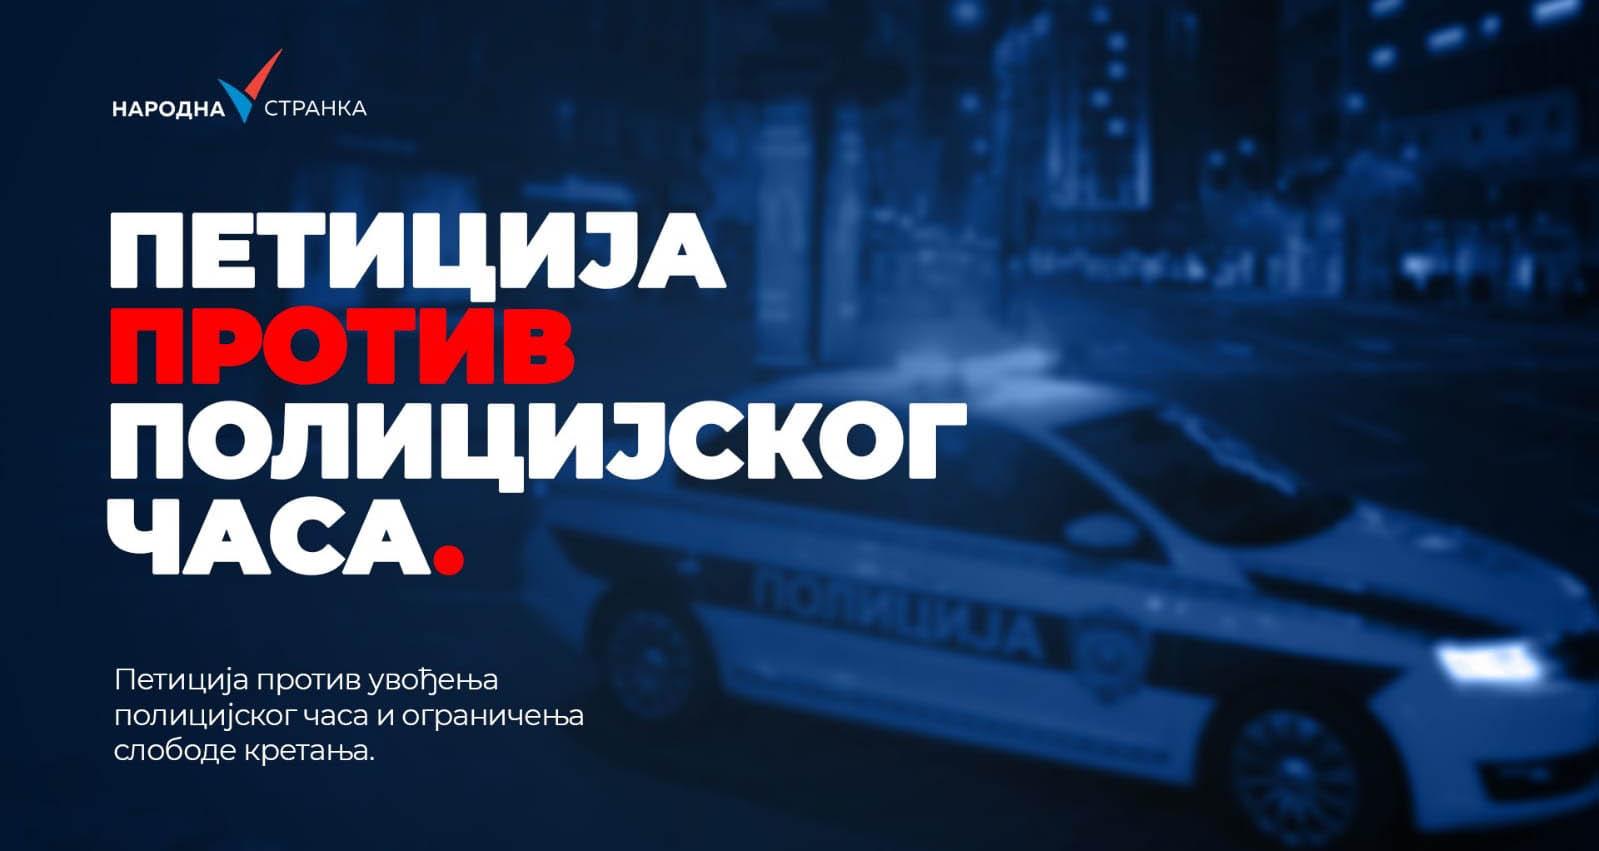 Народна странка: Тужба против Вучића због полицијског часа